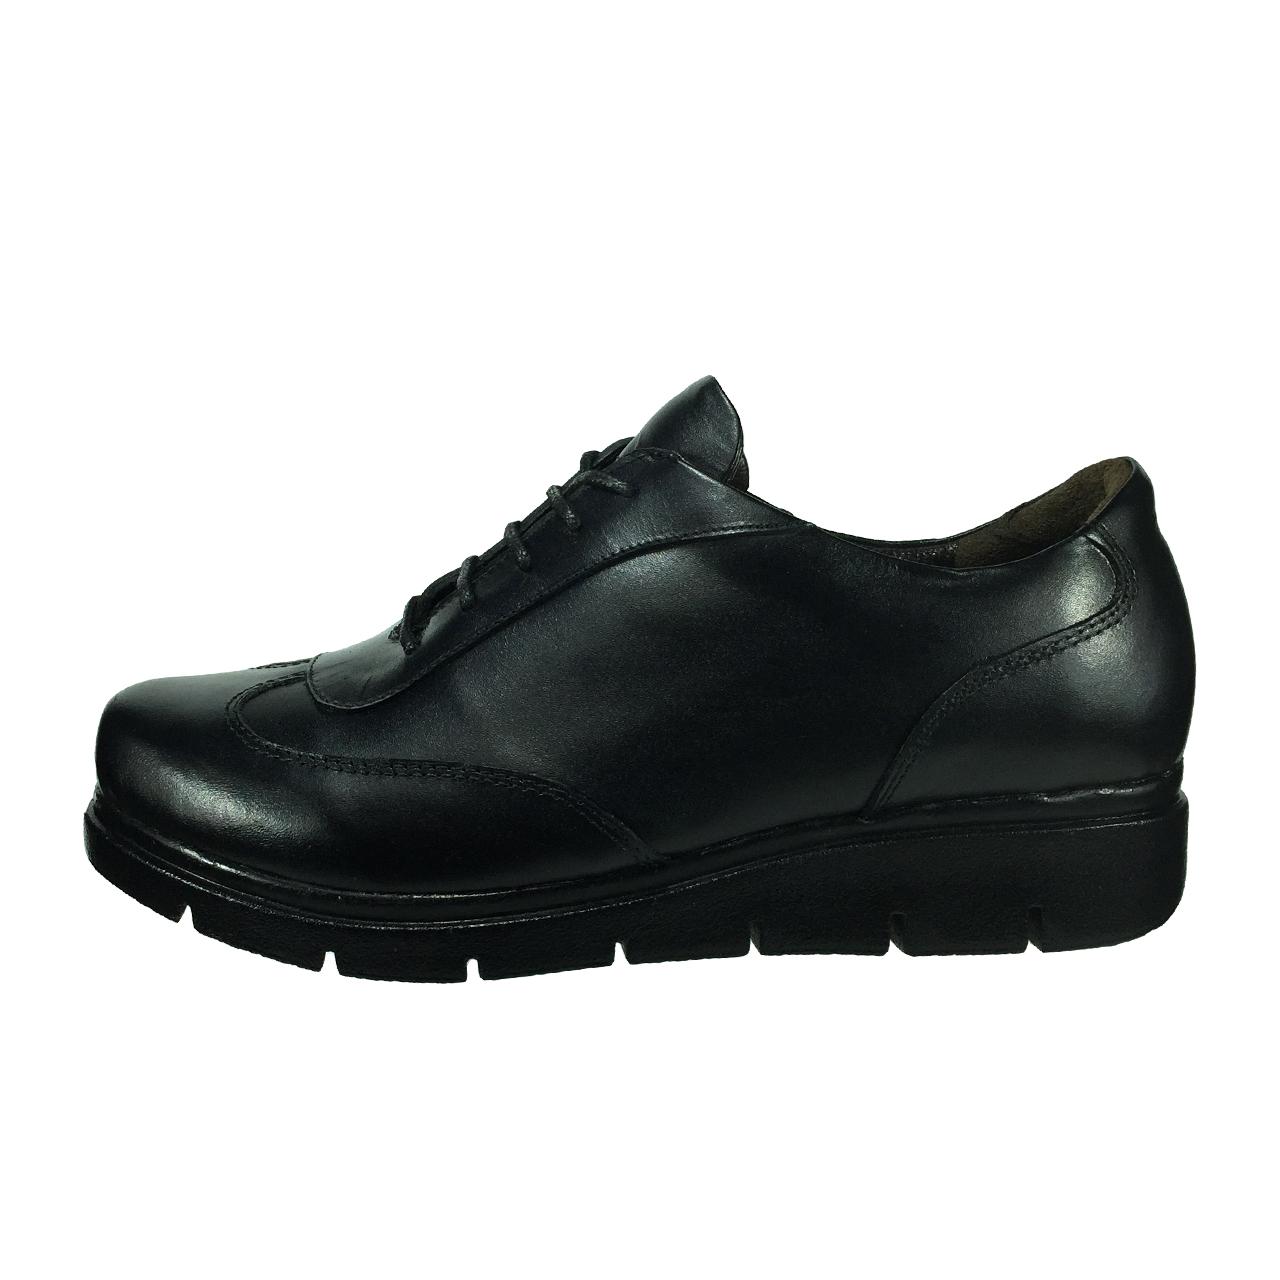 کفش طبی زنانه پاریس جامه کد B60 رنگ مشکی